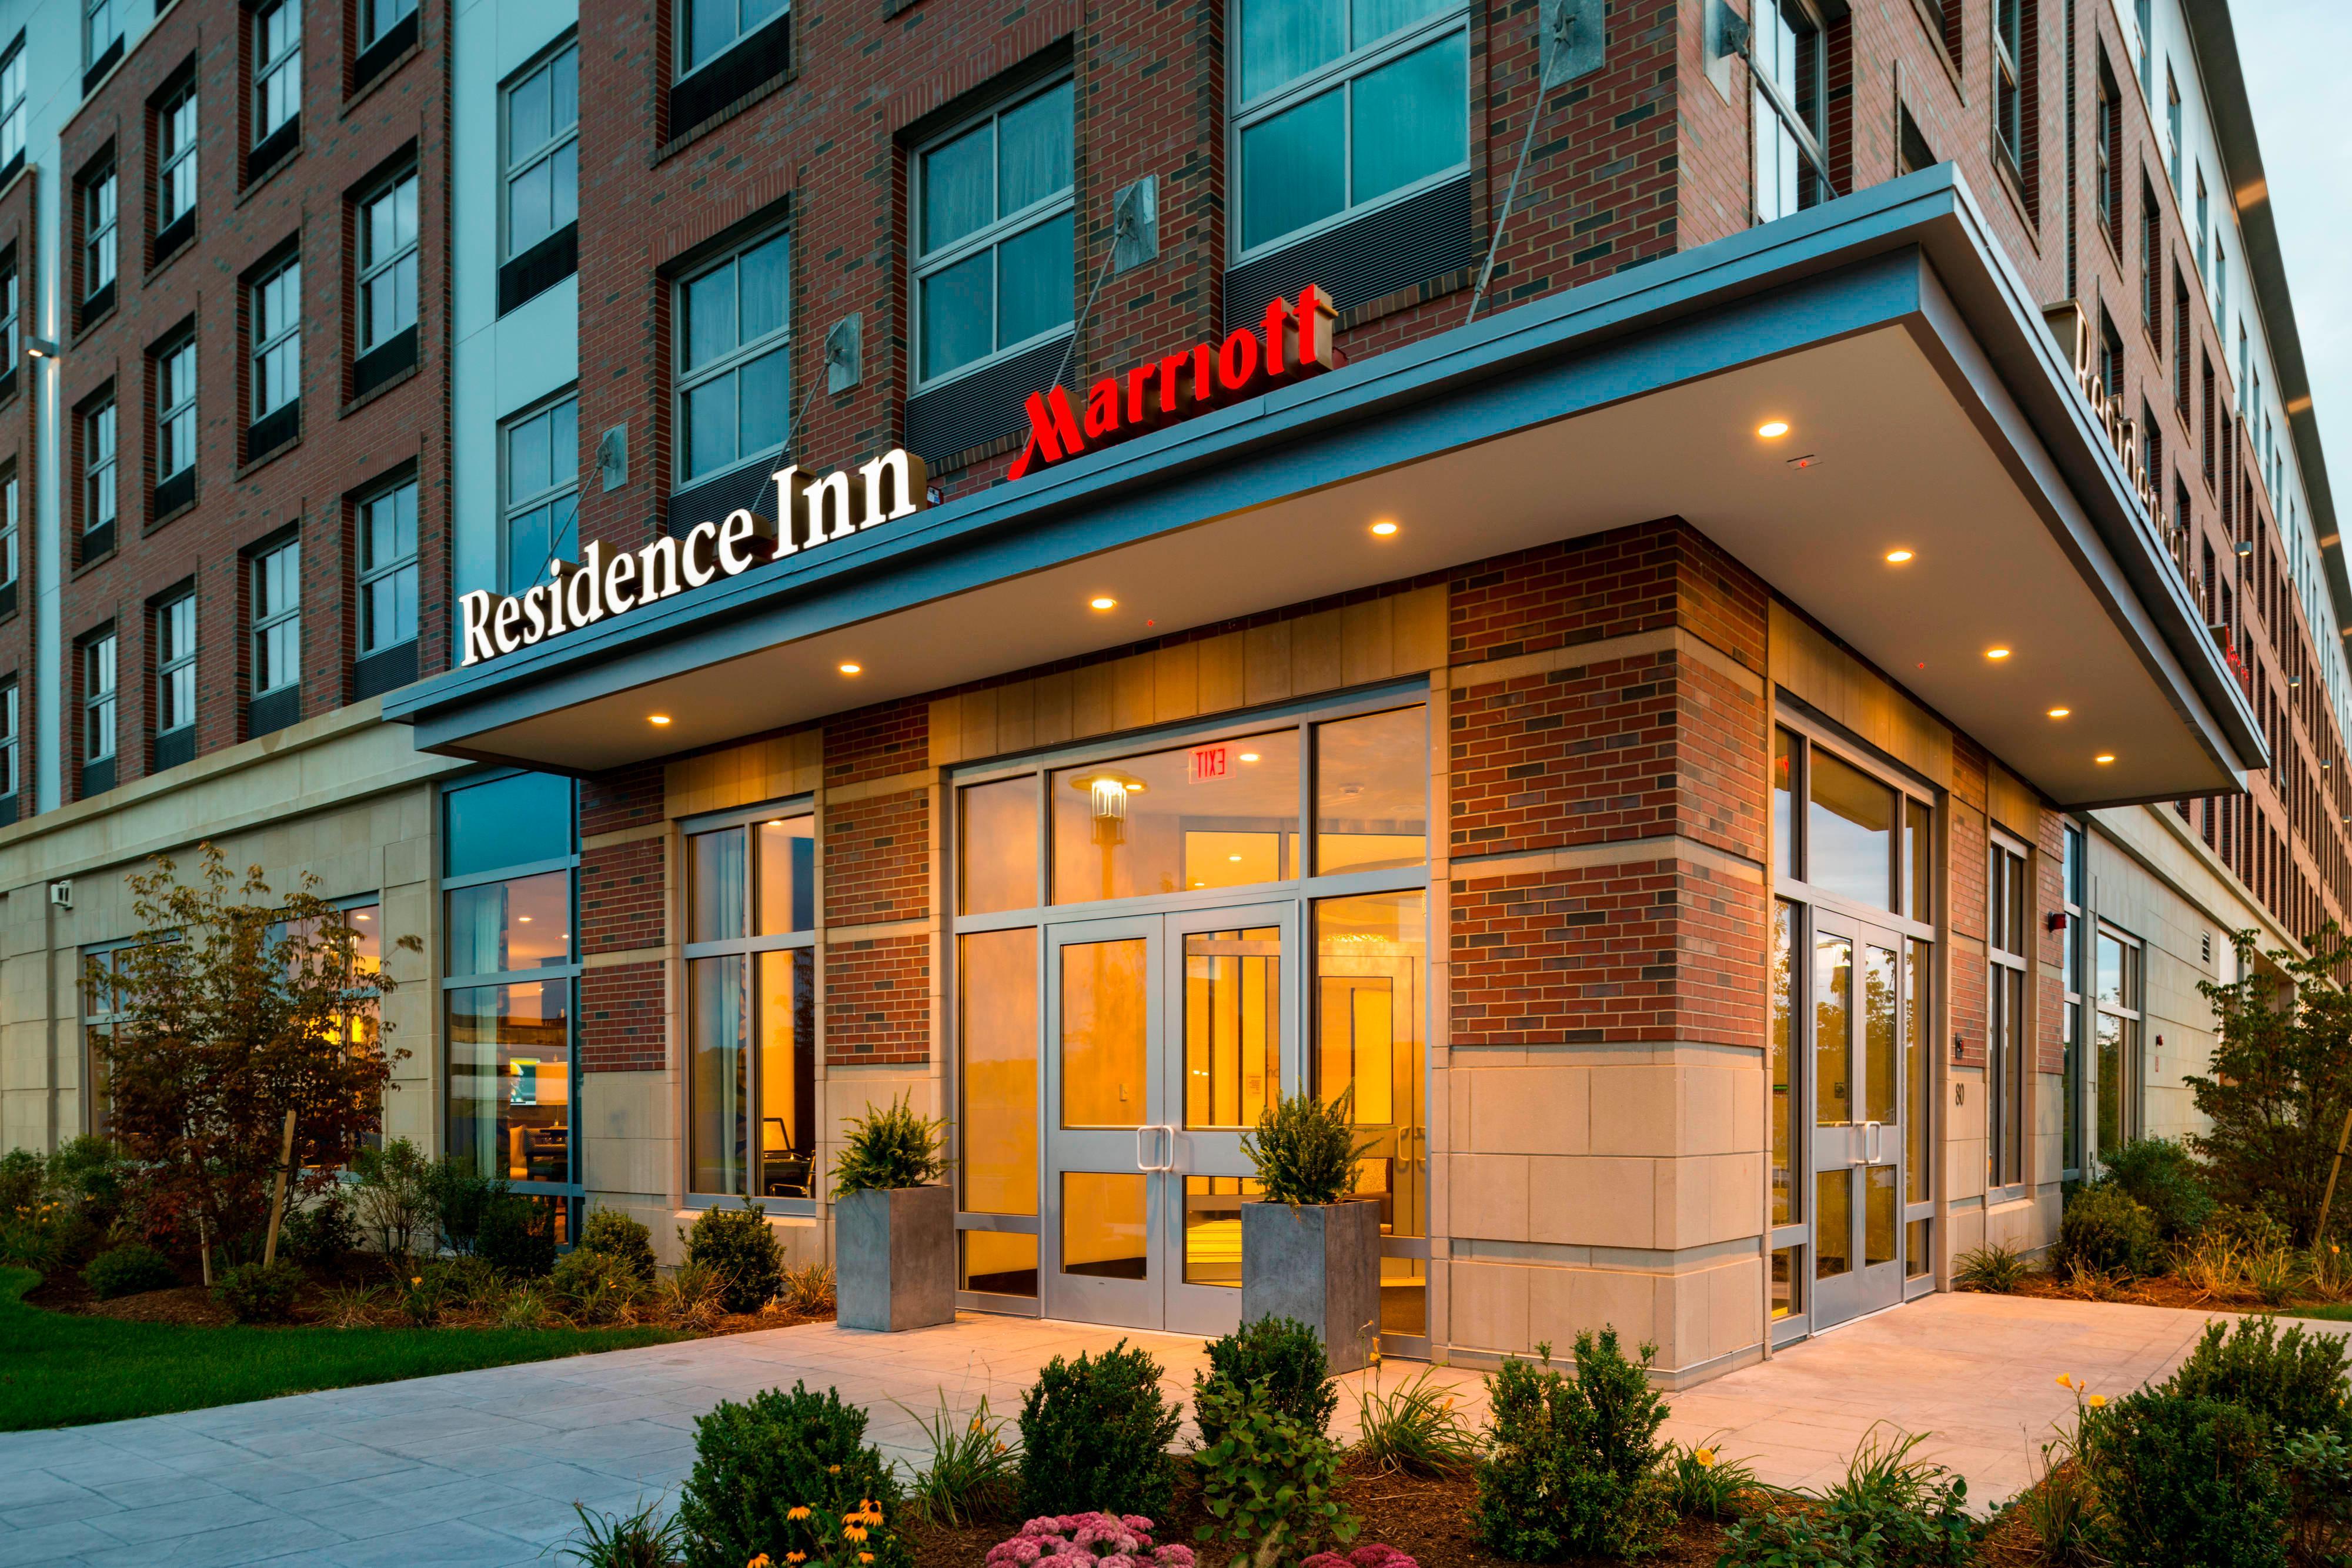 Residence Inn Needham Marriott